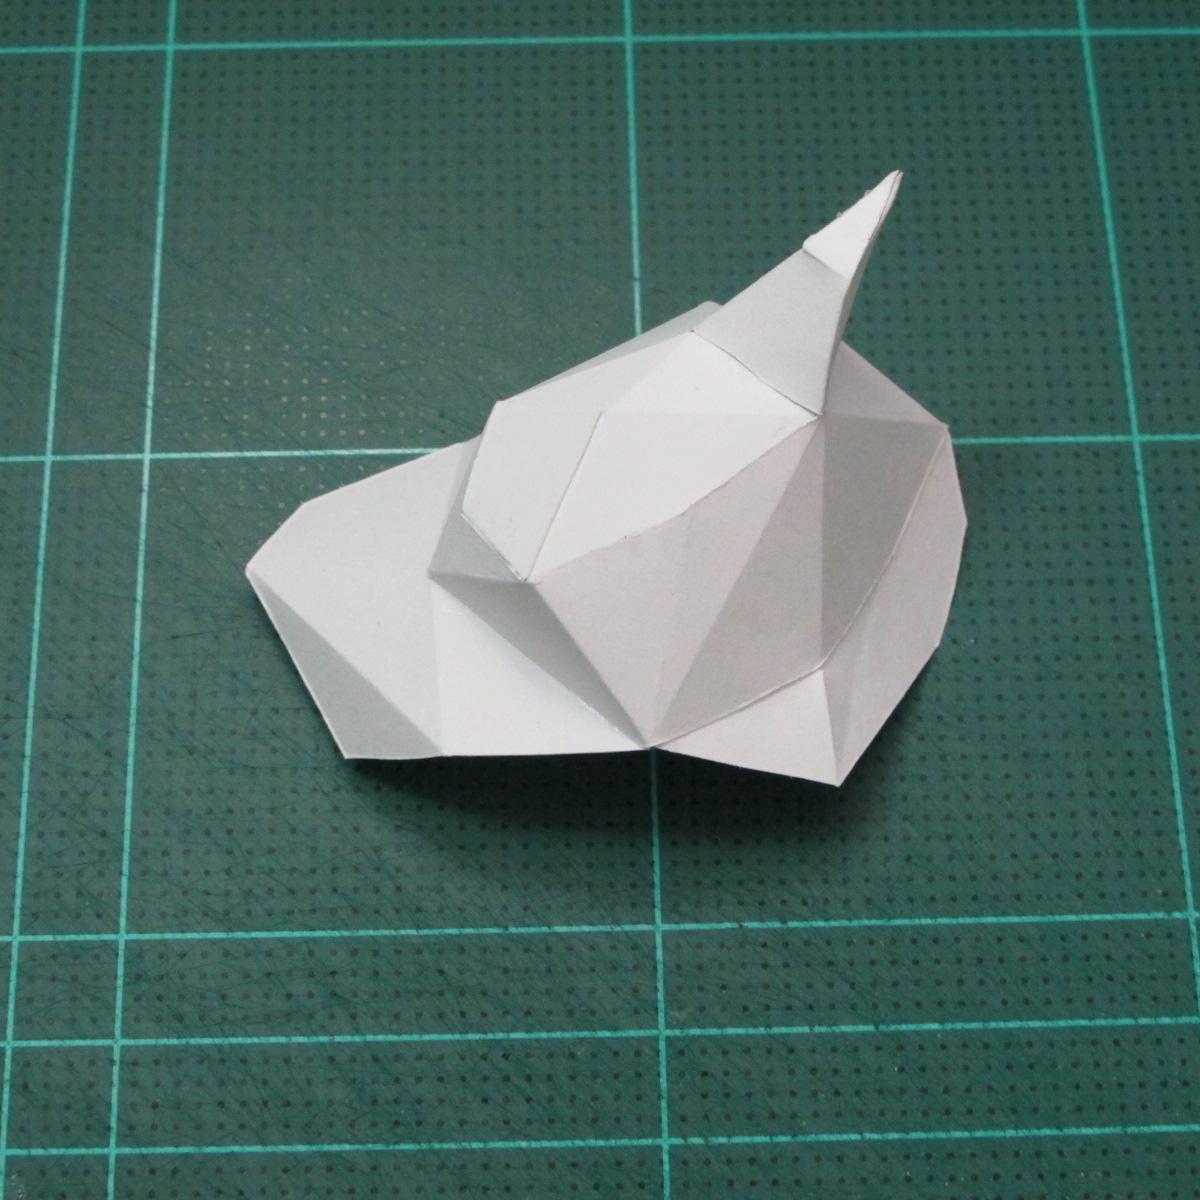 วิธีทำโมเดลกระดาษคุกกี้รสคุกกี้แอนด์ครีม  (Cookie Run Cream Cookie Papercraft Model) 004